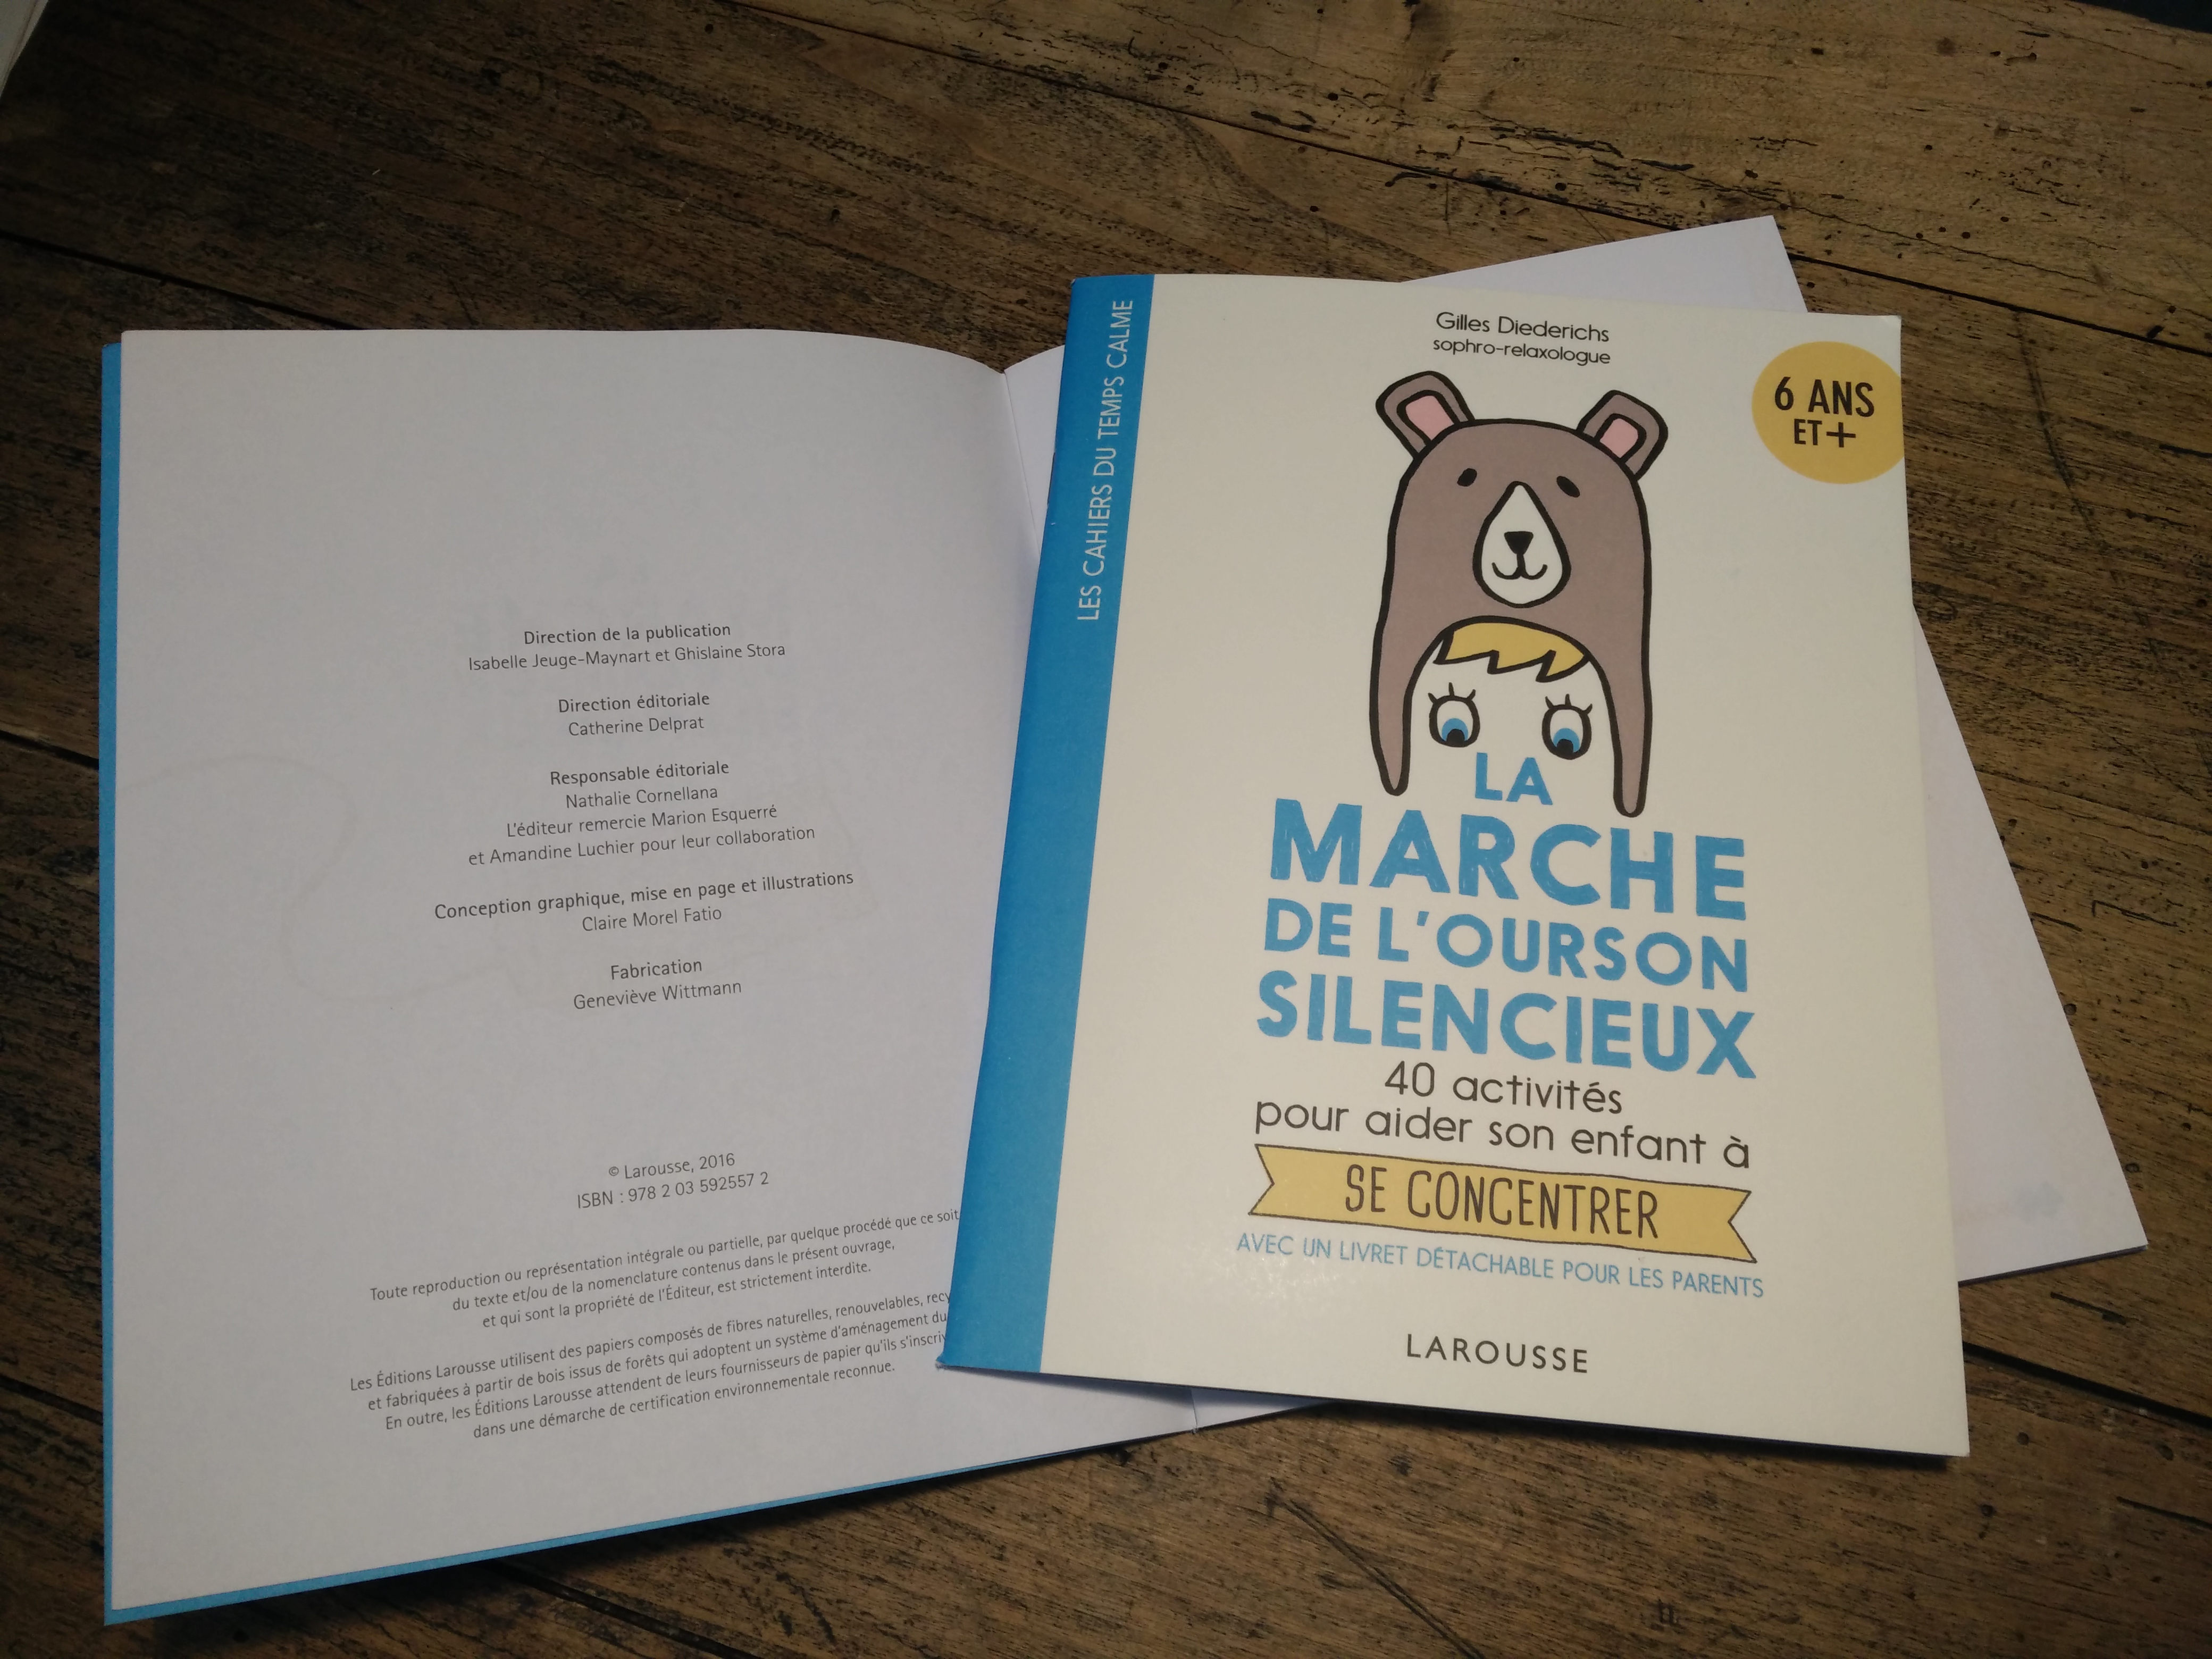 «La marche de l'ourson silencieux», des activités pour se concentrer.